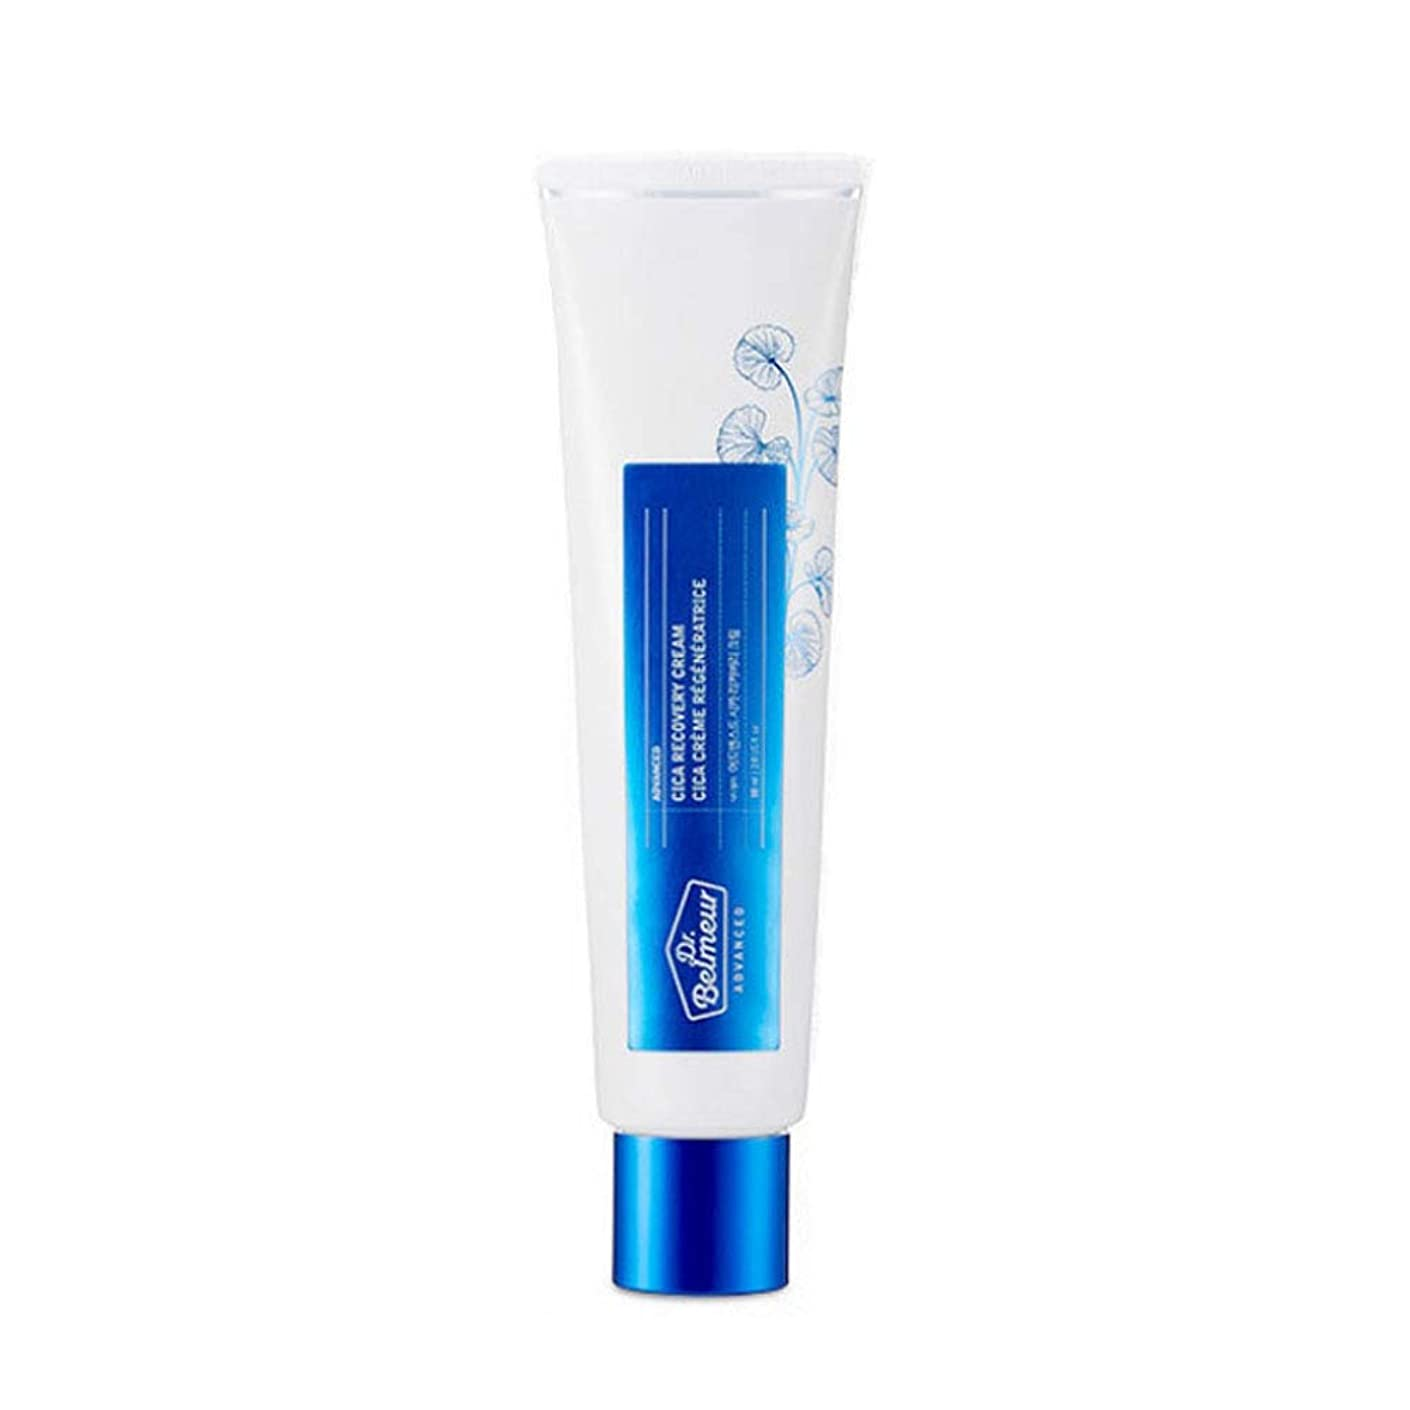 ザ?フェイスショップドクターベルモアドバンスドシカリカバリークリーム60ml 韓国コスメ、The Face Shop Dr.Belmeur Advanced Cica Recovery Cream 60ml Korean Cosmetics [並行輸入品]